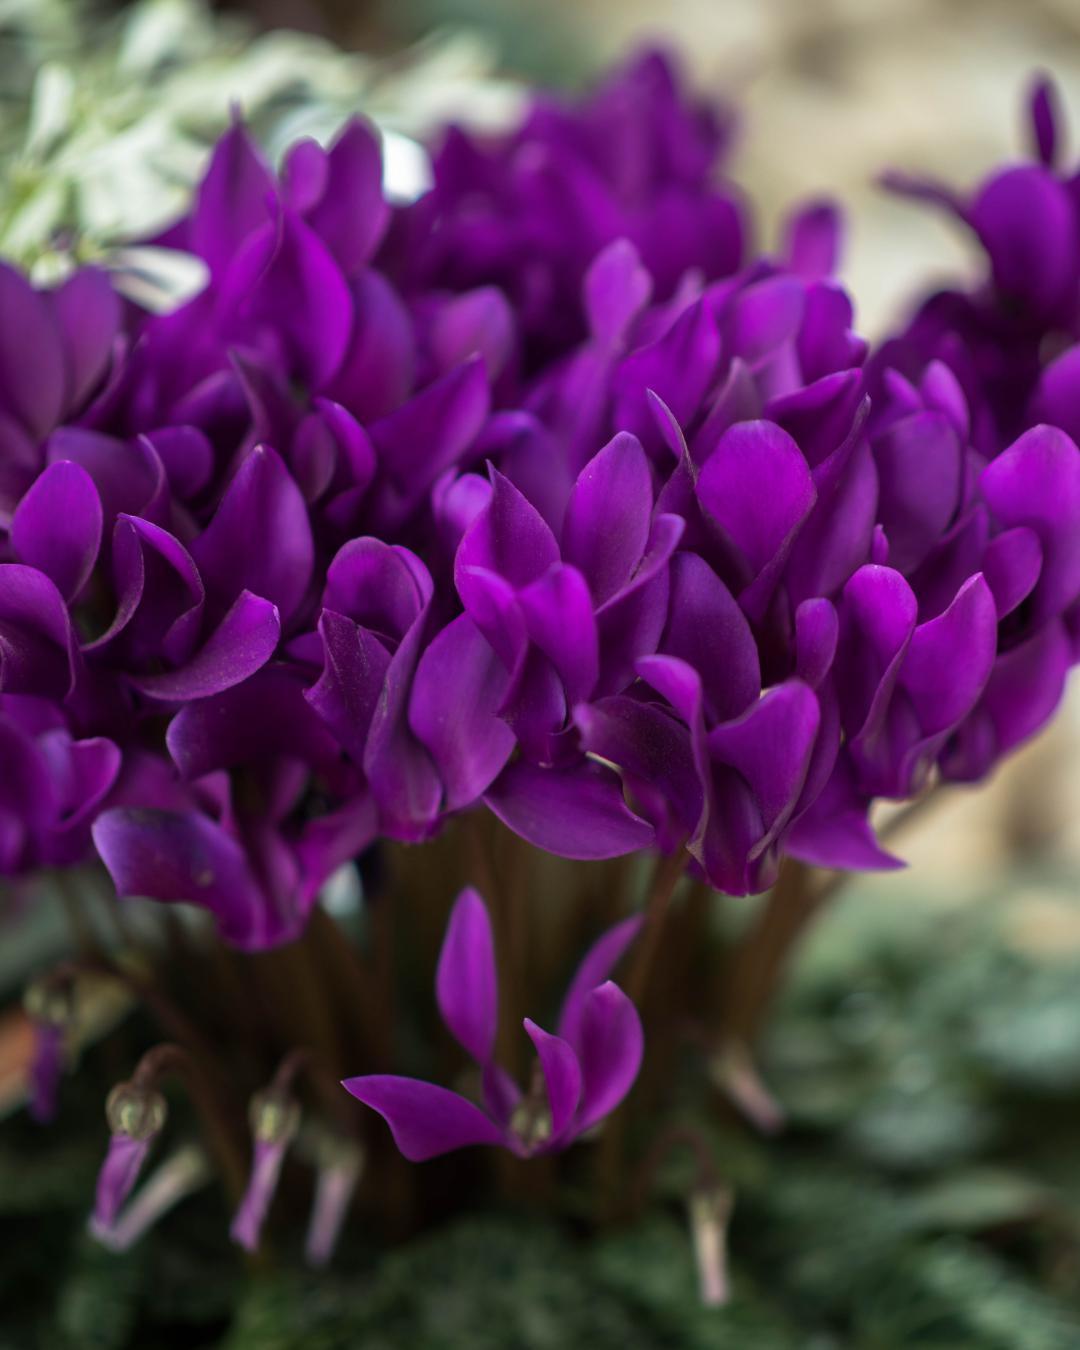 Красивые фотографии цветов от Хисаши Сугам